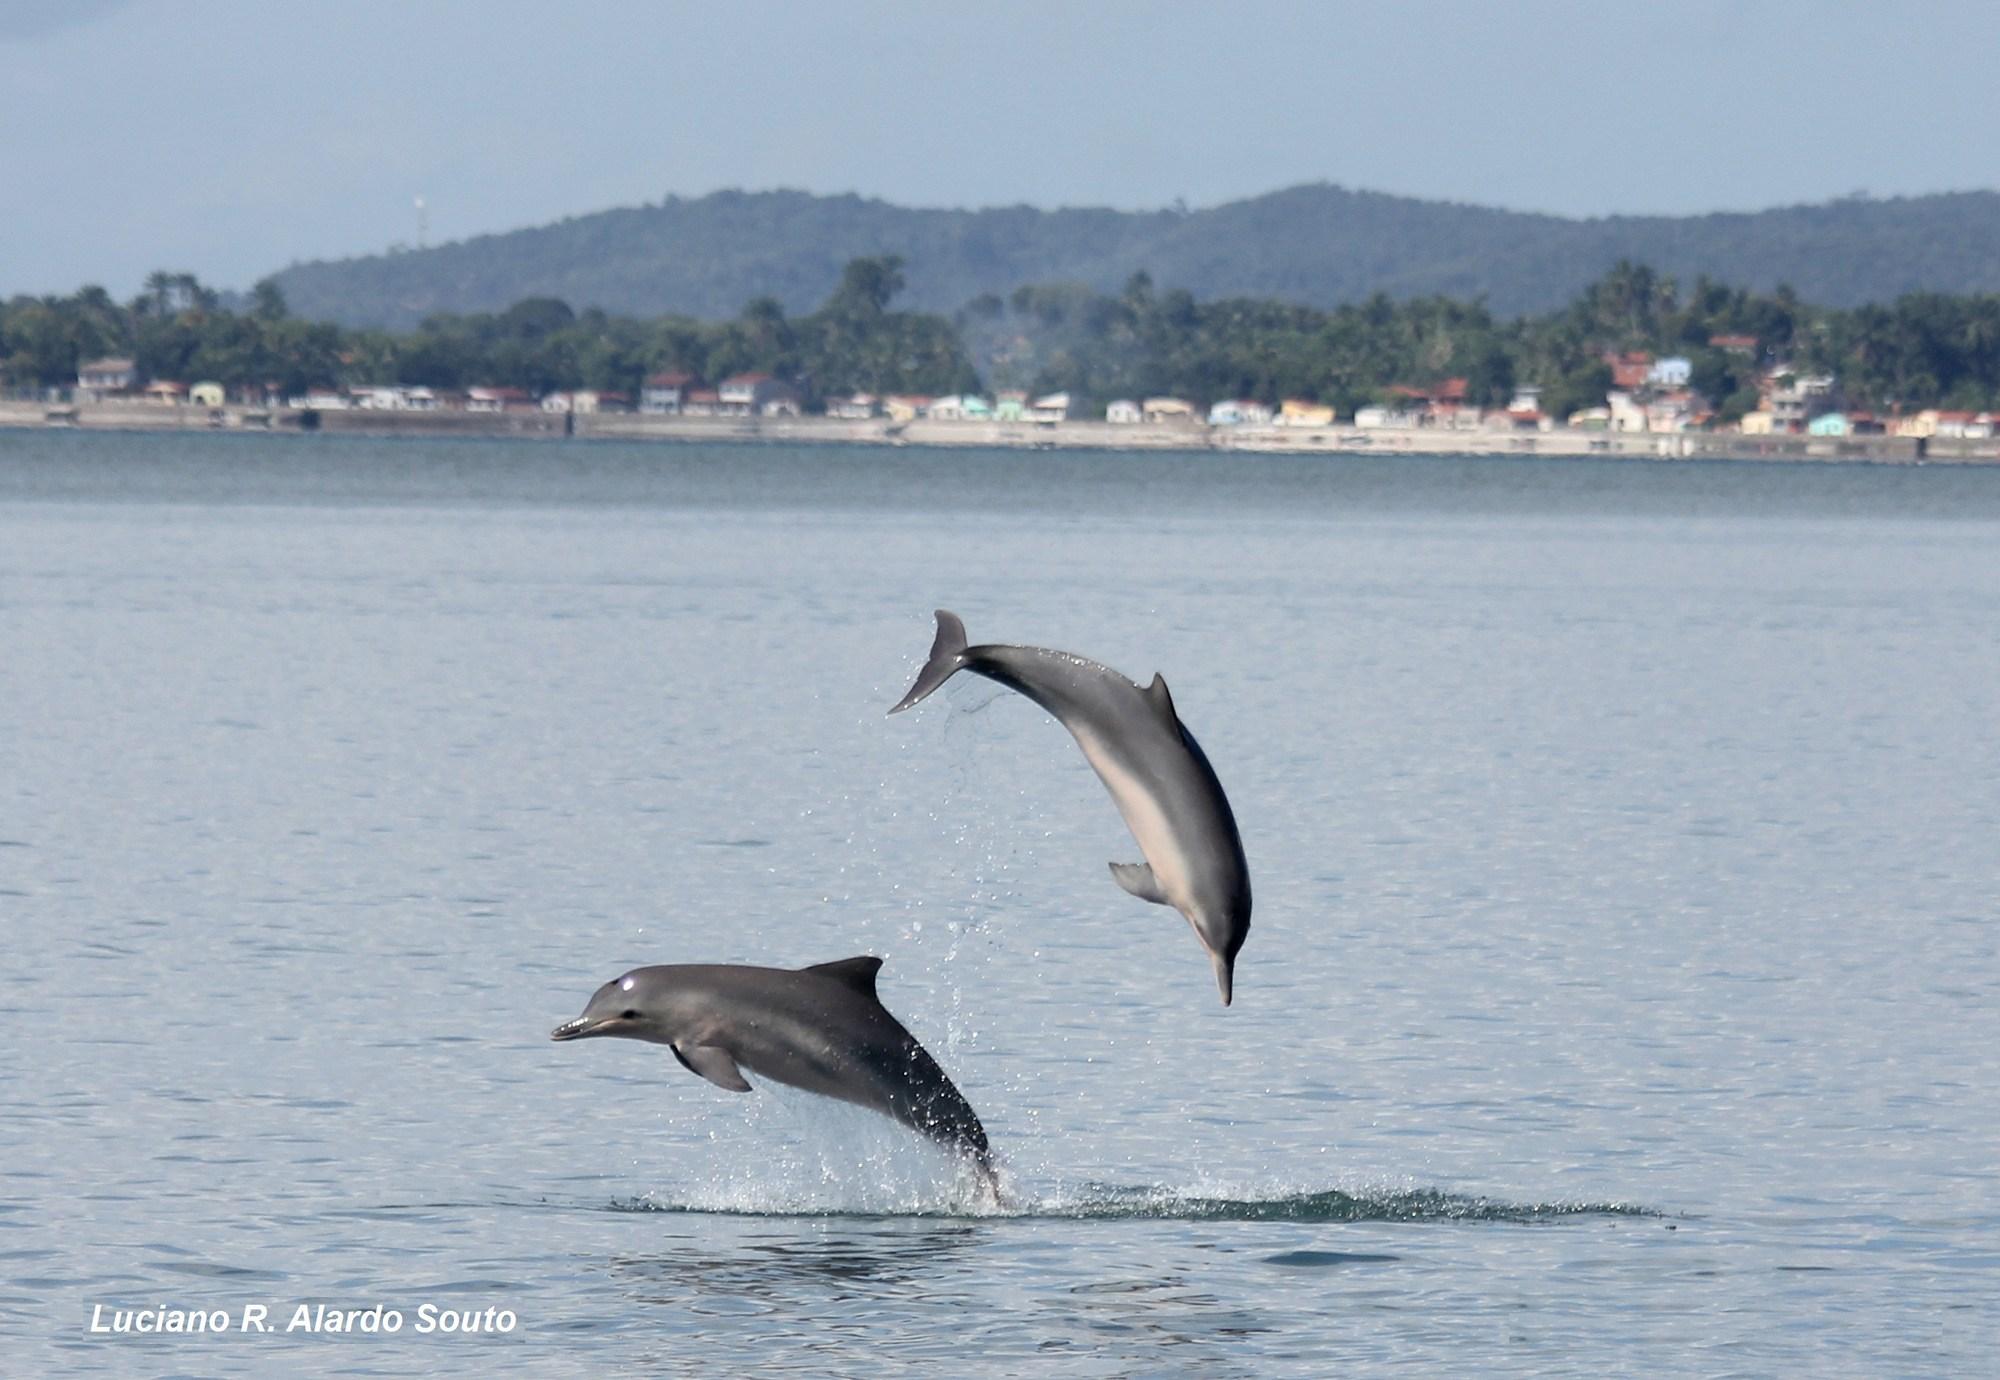 видео схема механизма дельфин